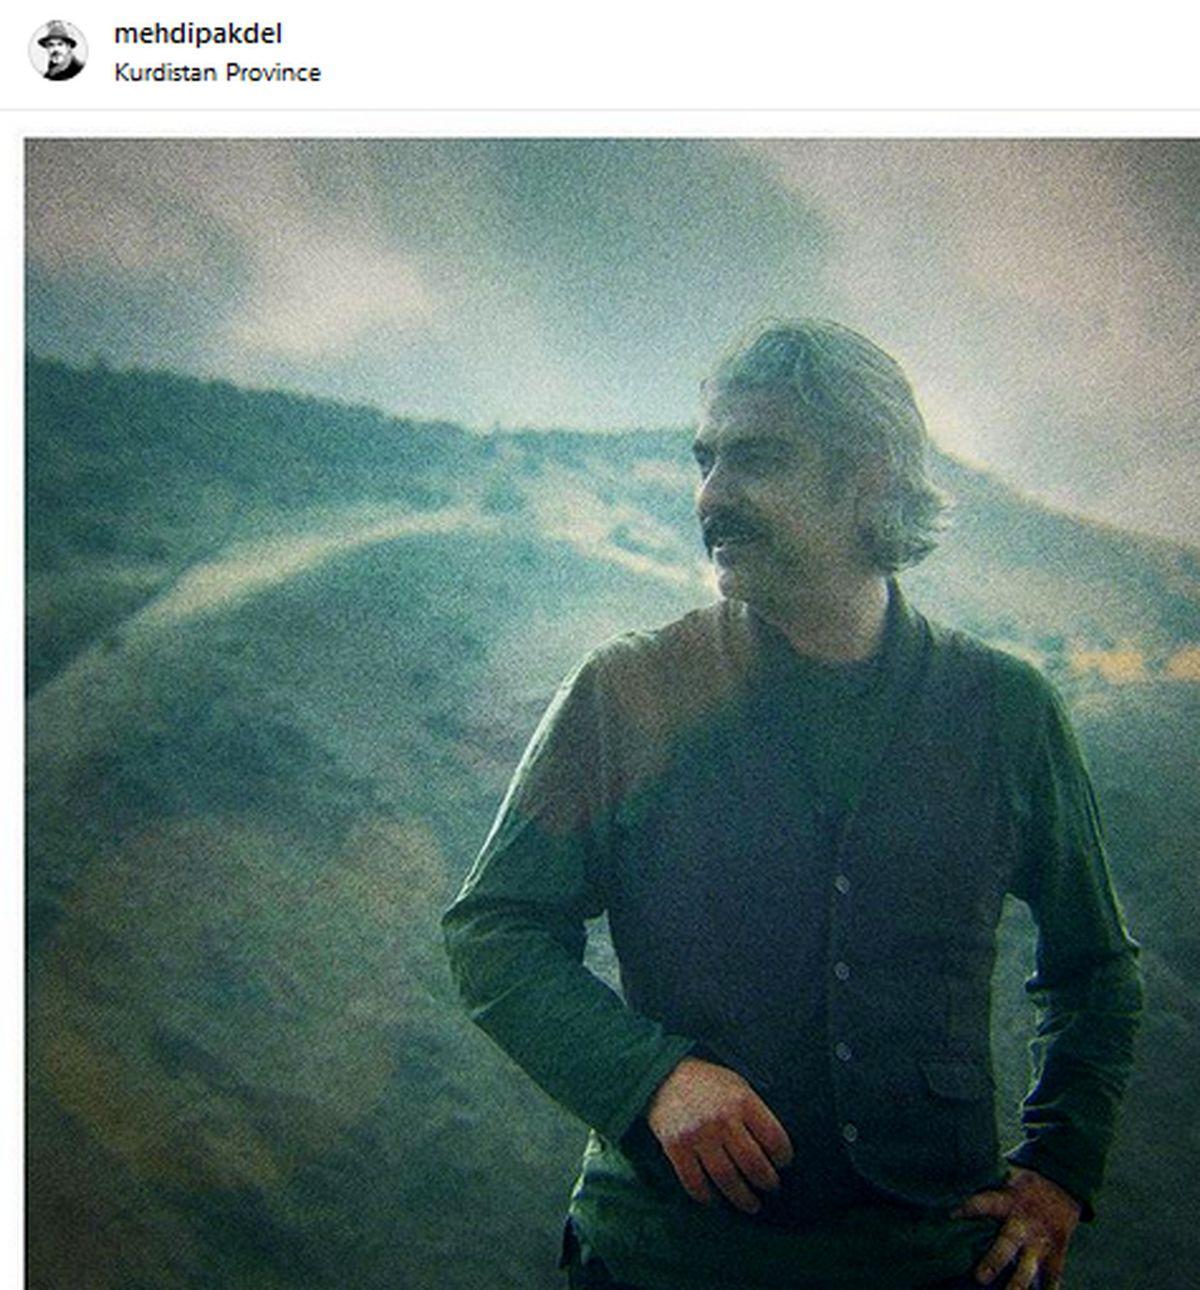 مهدی پاکدل با ظاهری که تاکنون ندیدهاید! /عکس